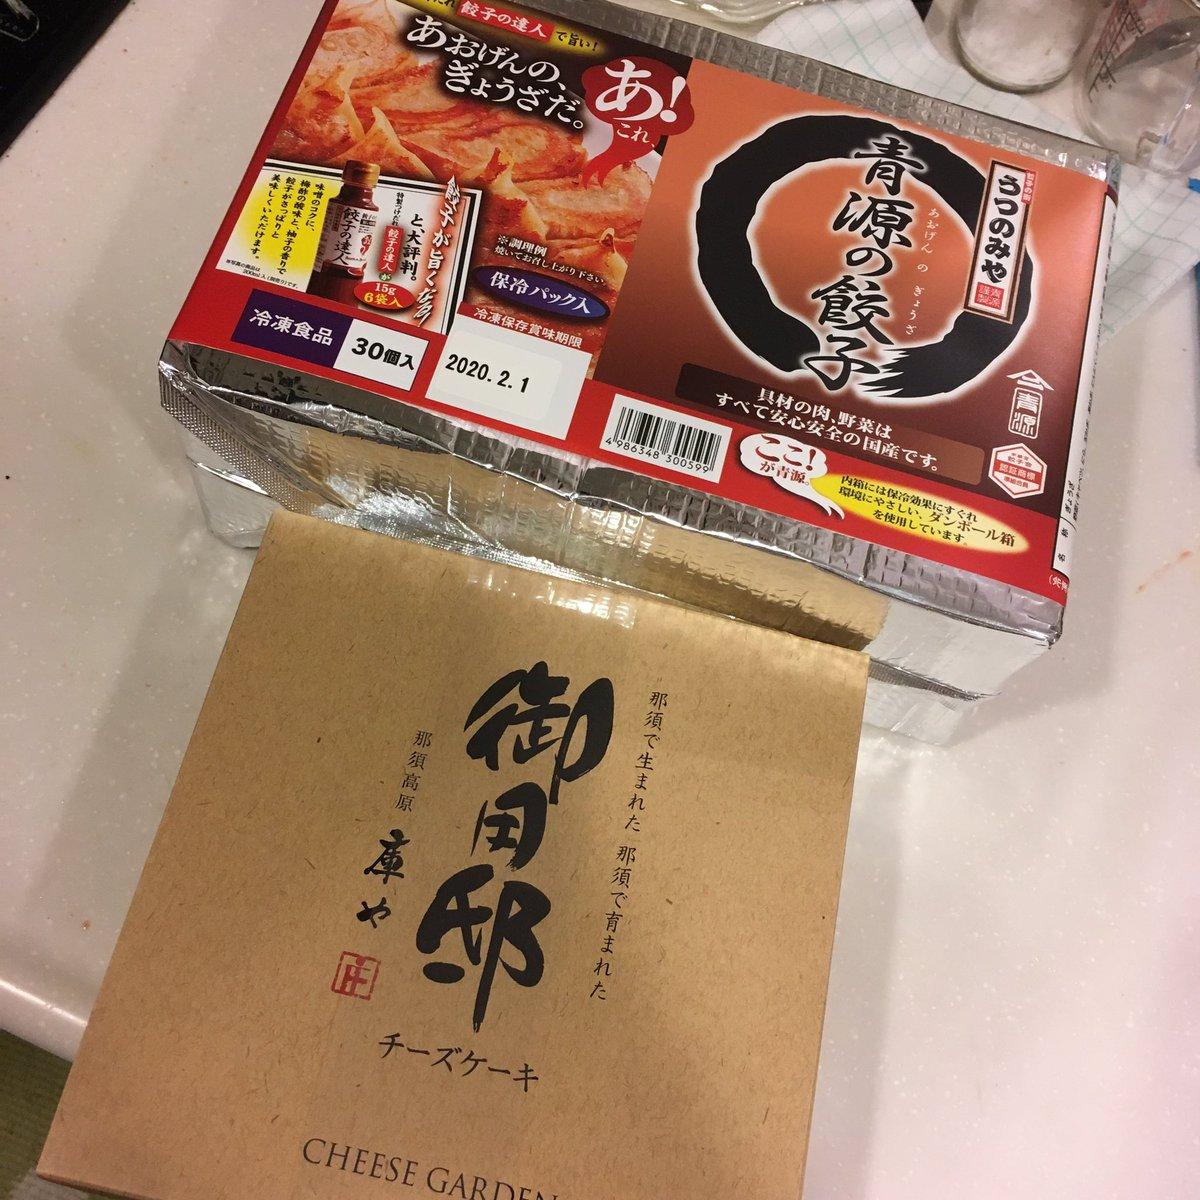 test ツイッターメディア - 宇都宮土産は青源の餃子🥟と御用邸チーズケーキ🧀 https://t.co/GEPNQoLt6V